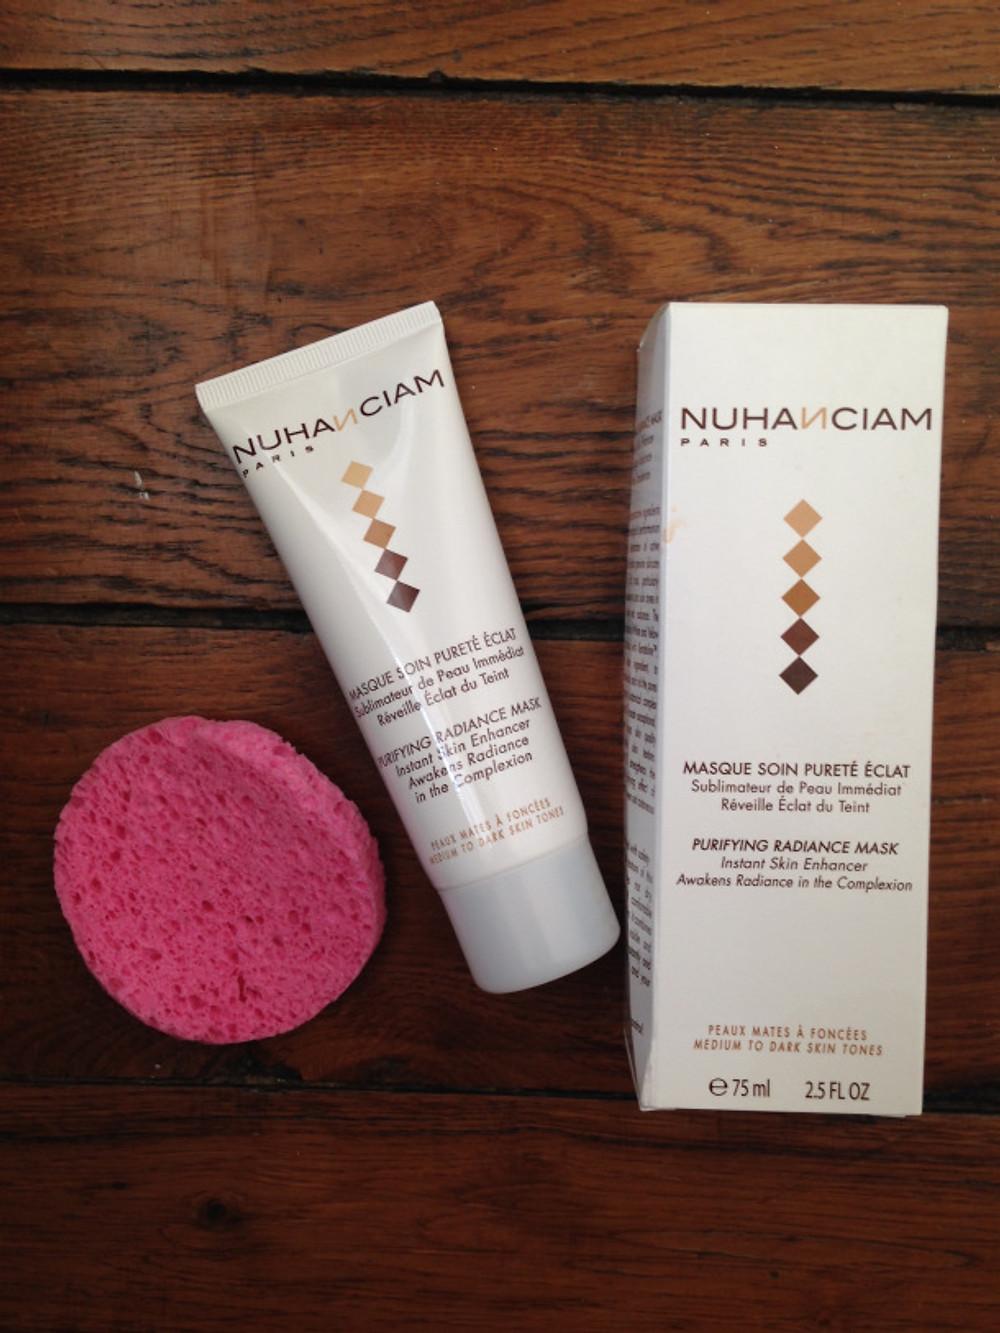 Le Masque Soin Pureté Éclat Sublimateur de Peau Nuhanciam  18,90 € TTC